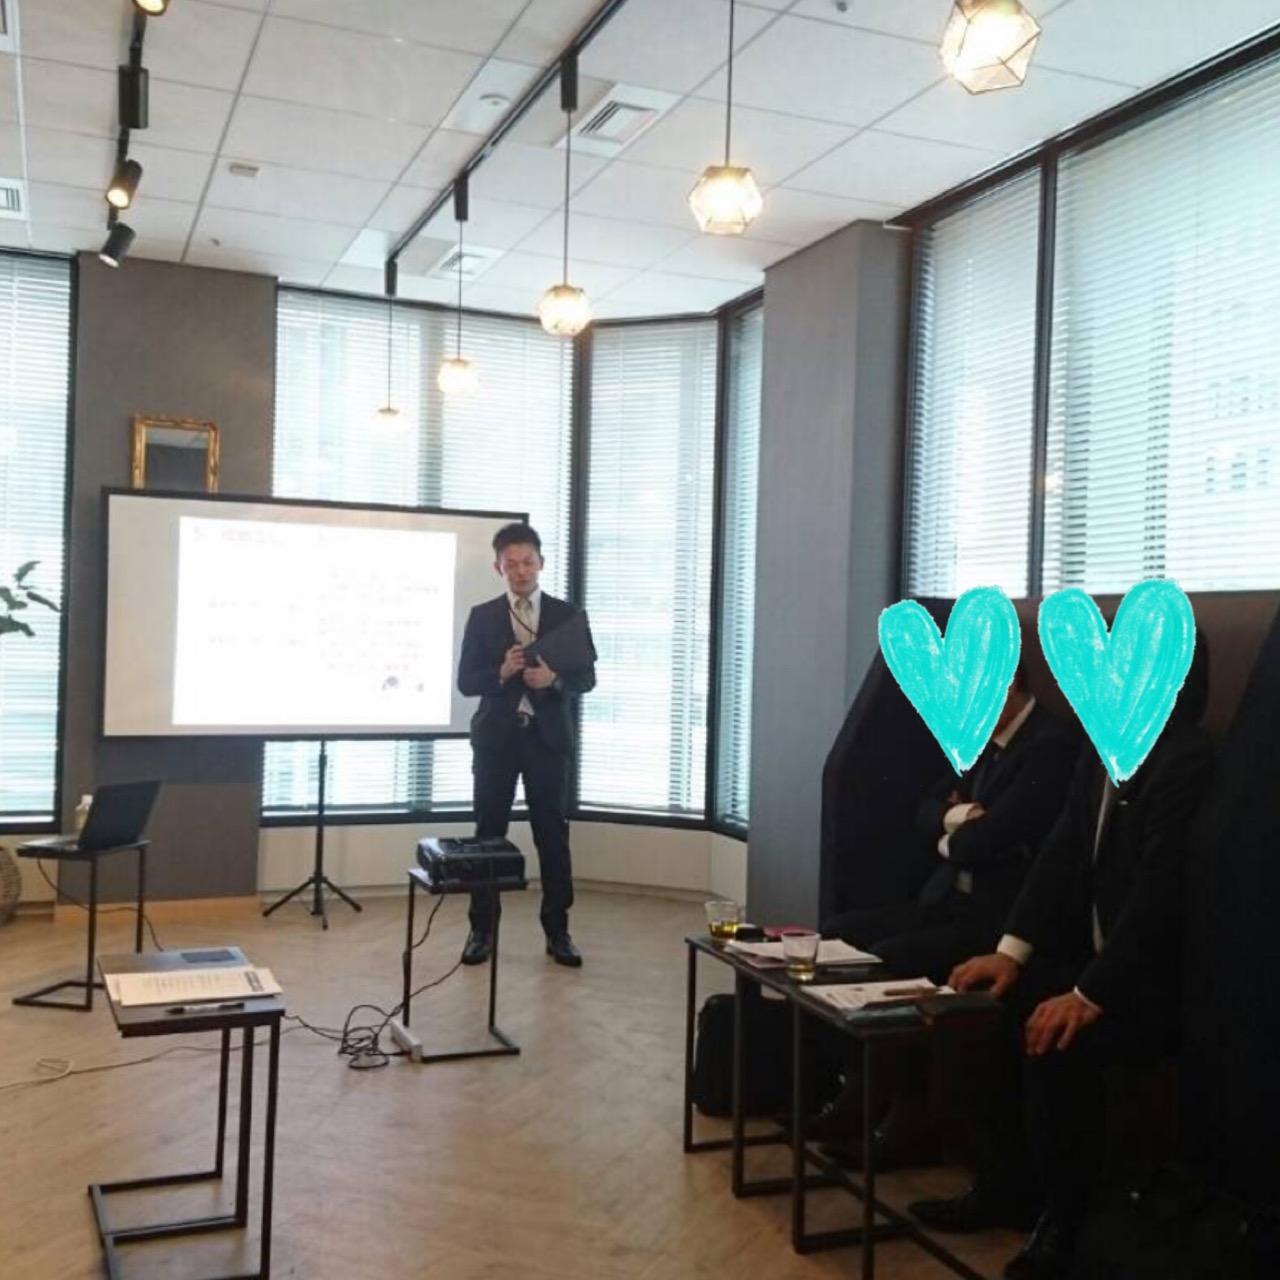 結婚相談所スイートスイート名古屋では結婚相談所の開業もサポートしています!